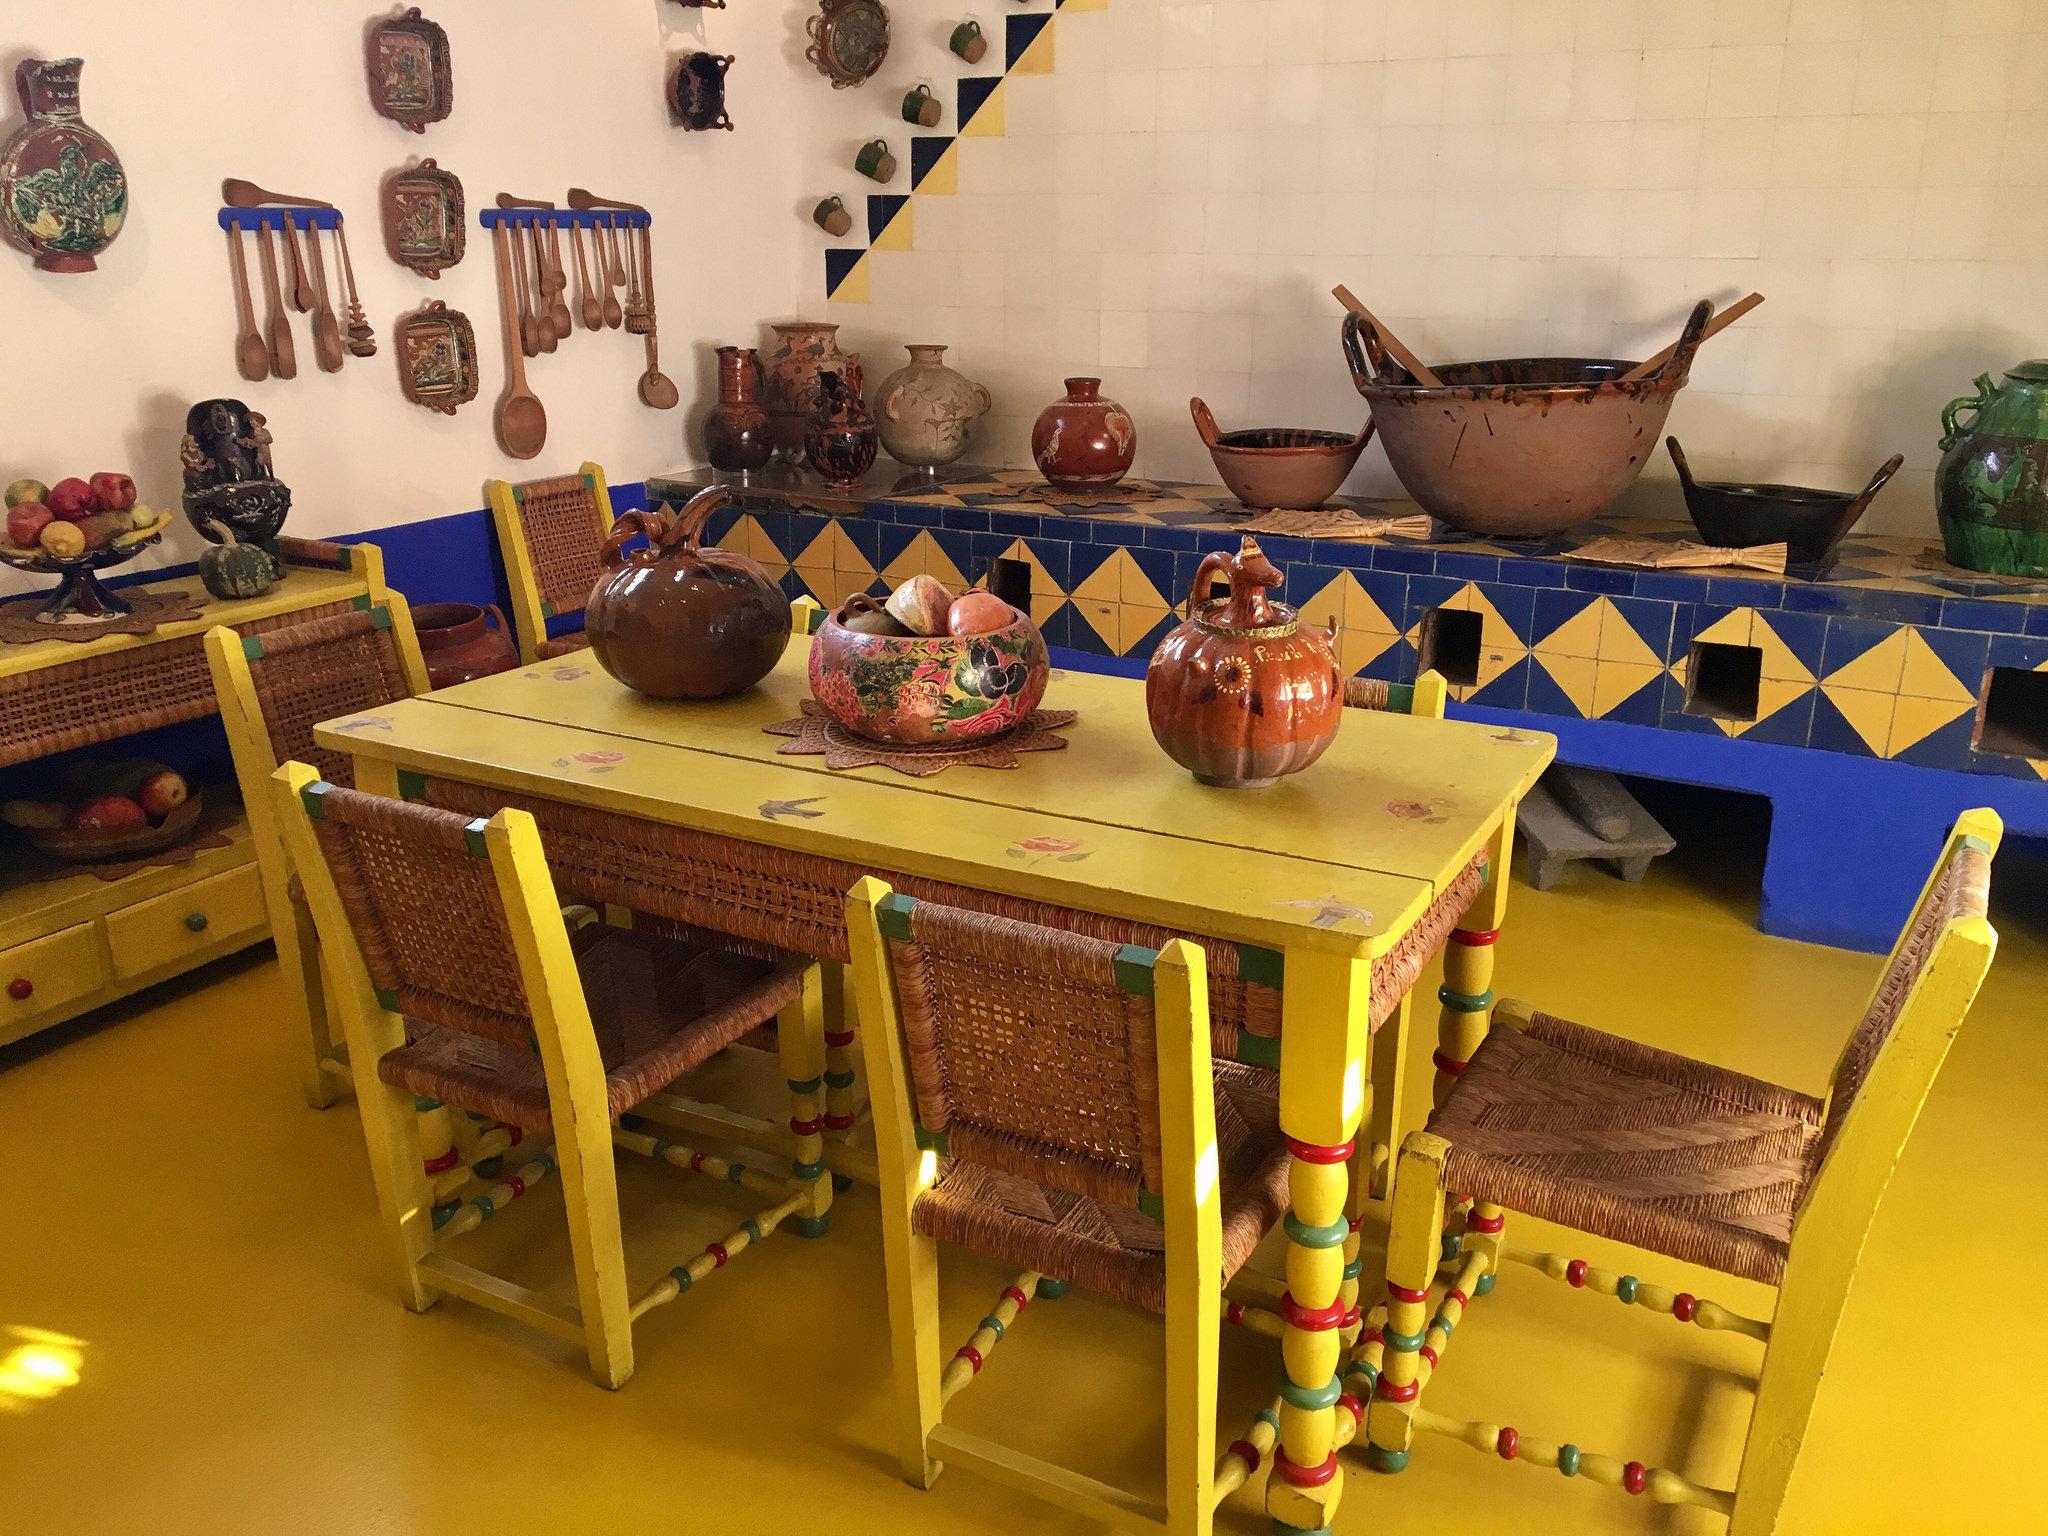 Frida's kitchen in the Casa Azul | © MollySVH/Flickr